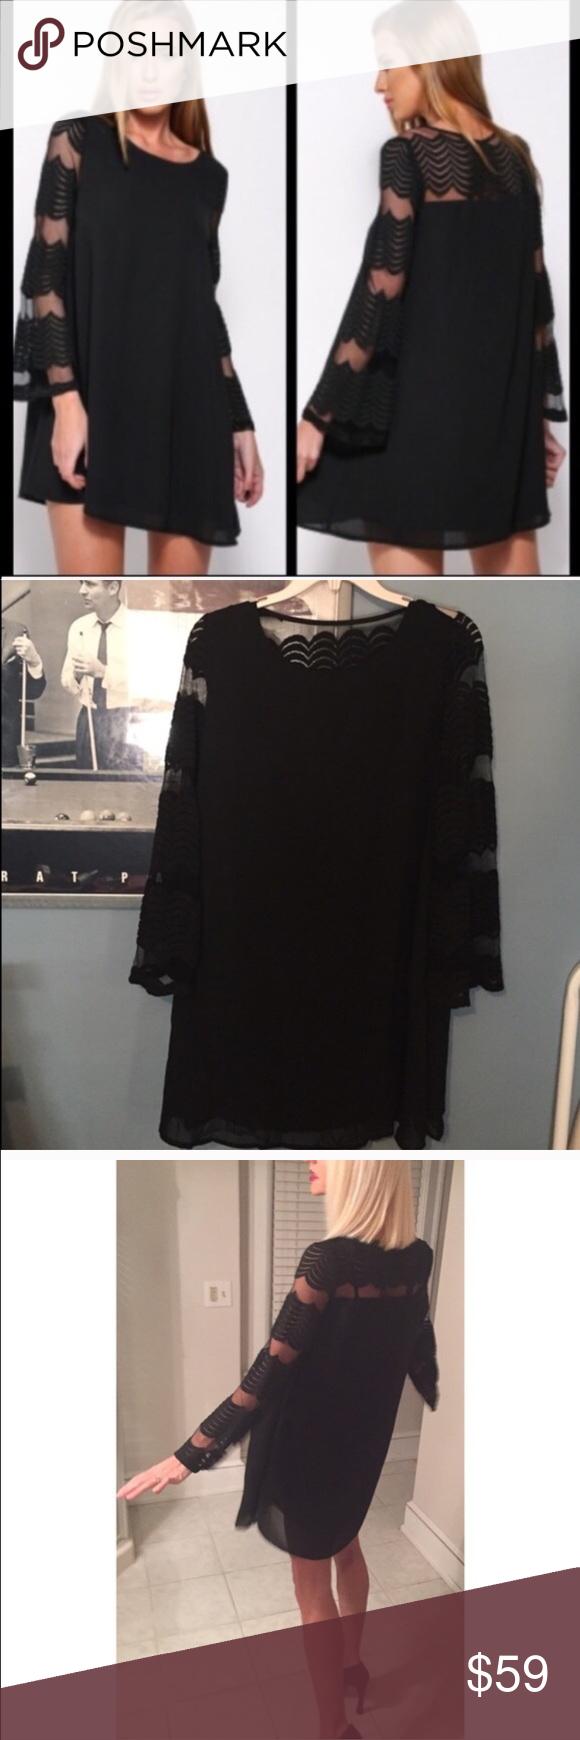 hour sale nwt pinterest boutique dresses